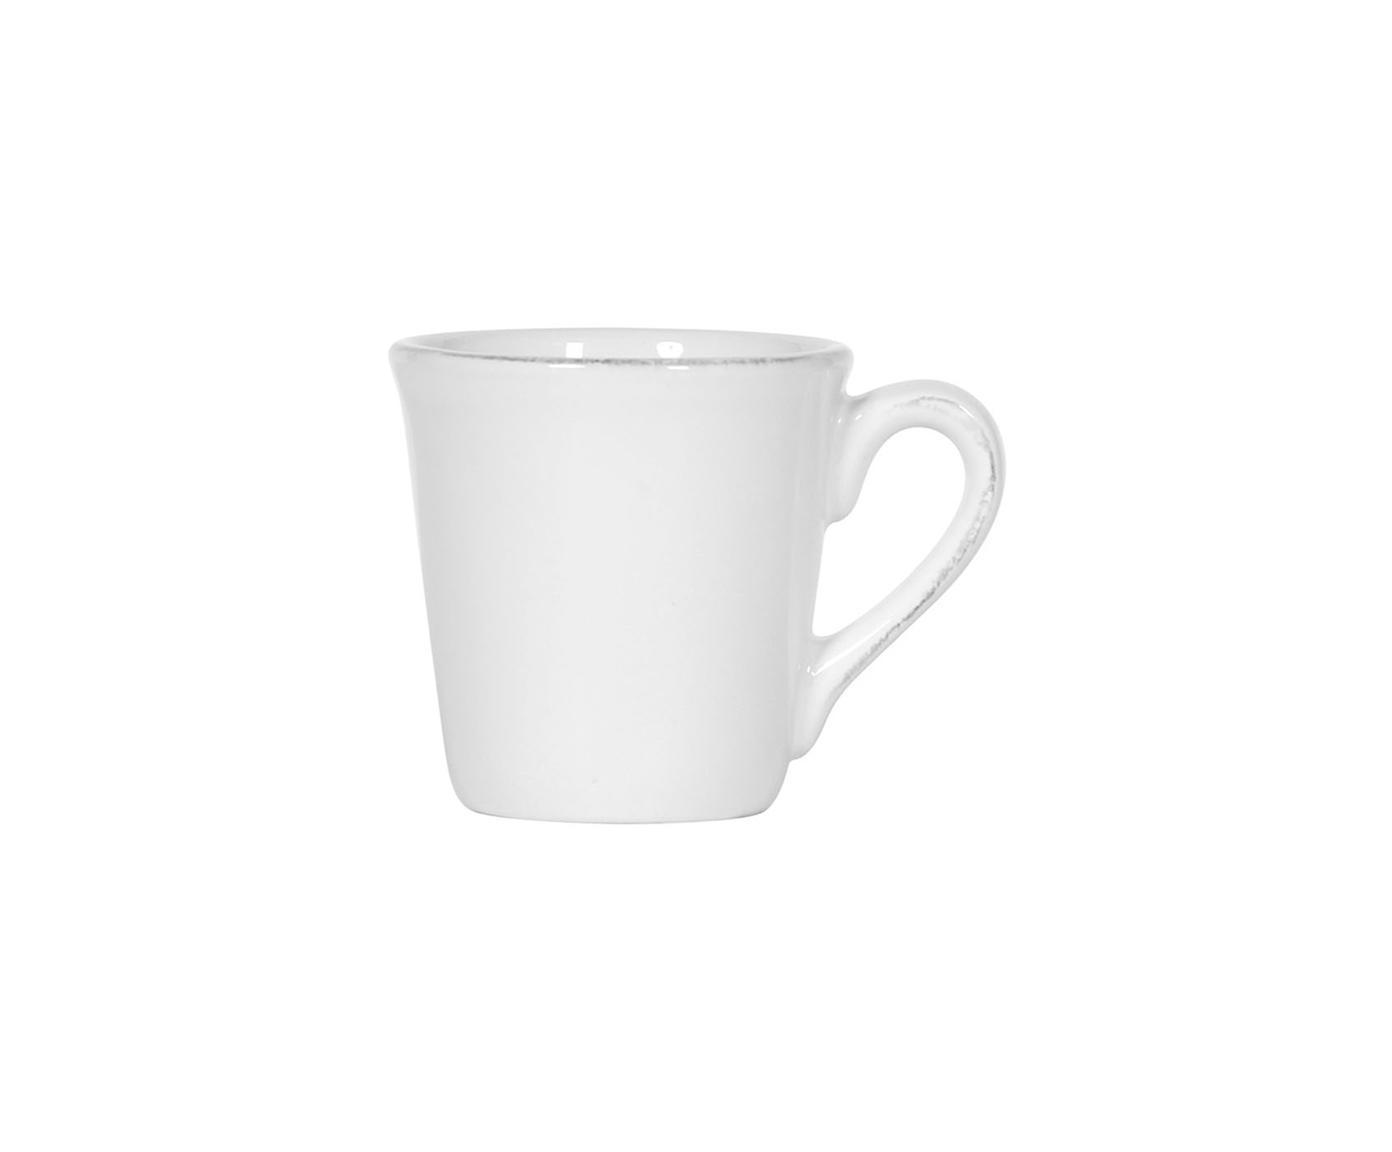 Tazzina caffè bianca Constance 2 pz, Ceramica, Bianco, Ø 8 x Alt. 6 cm